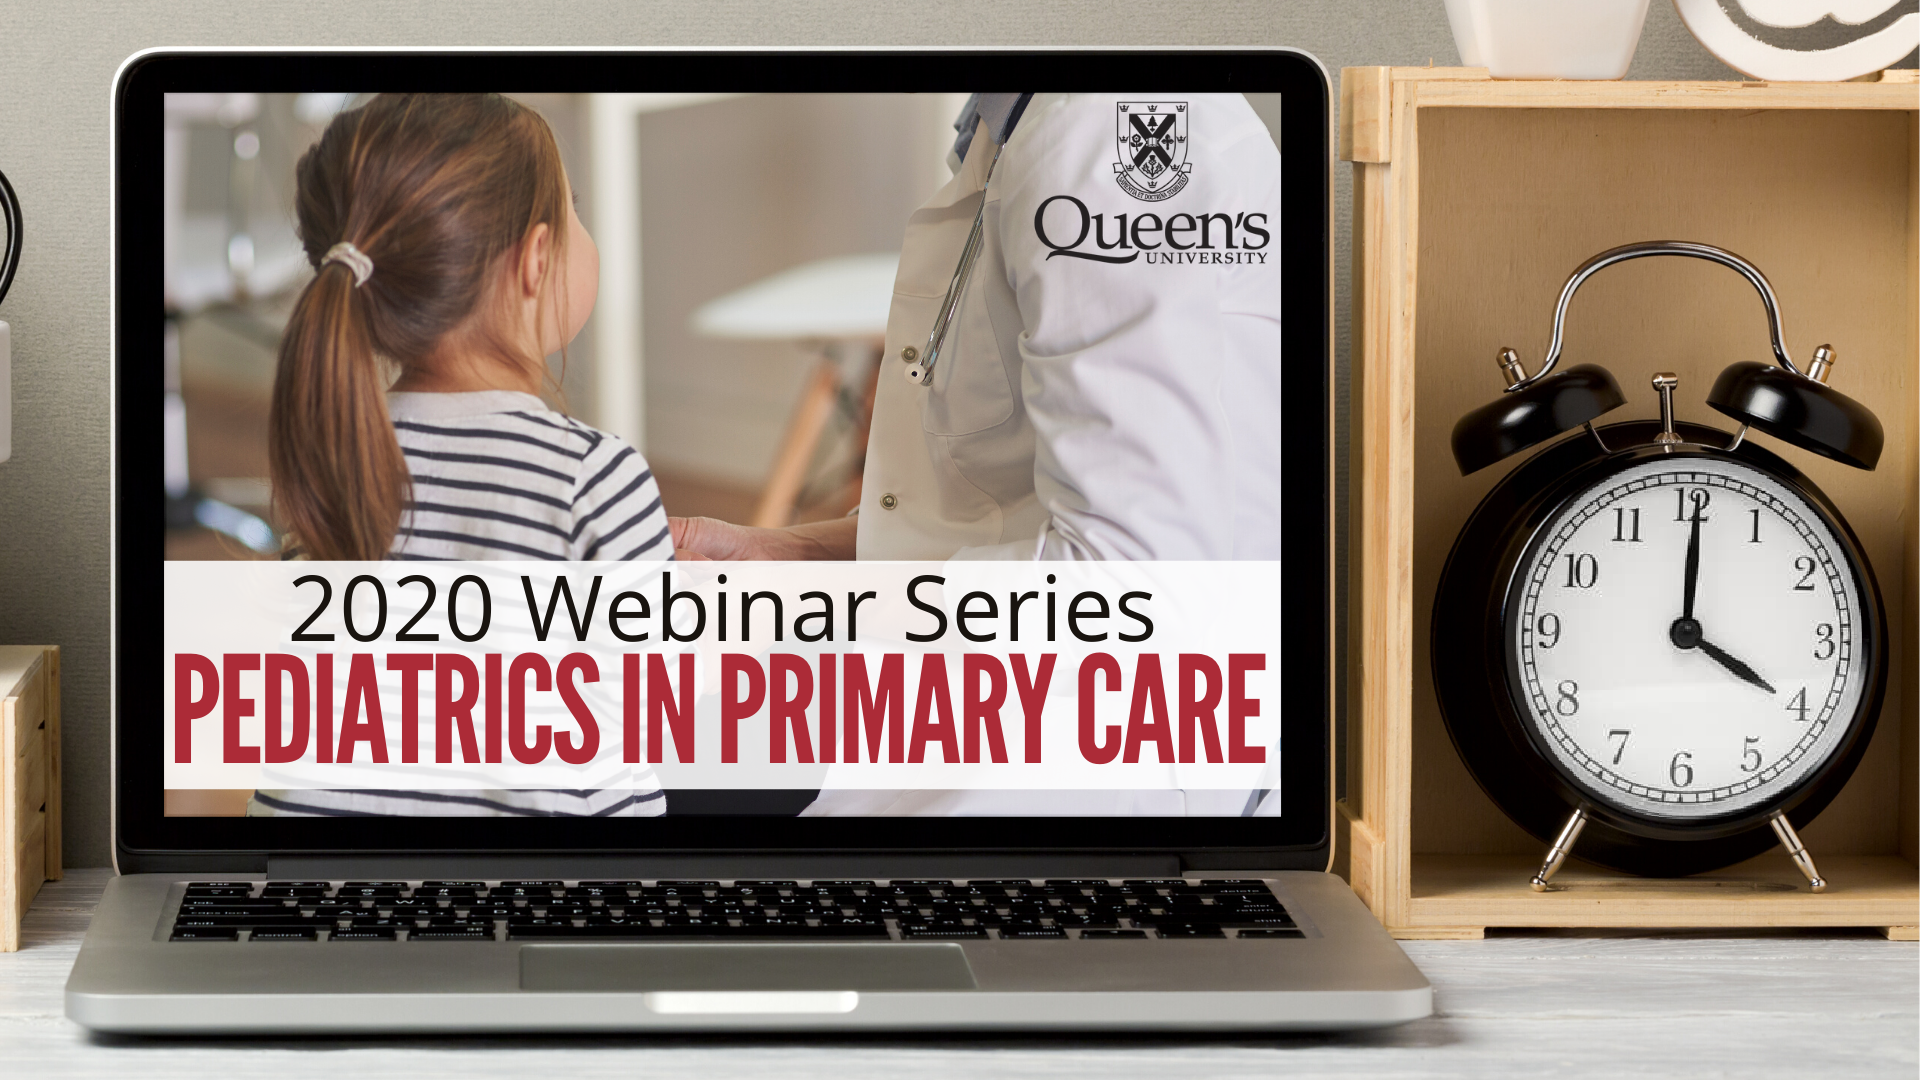 2020 Webinar Series: Pediatrics in Primary Care